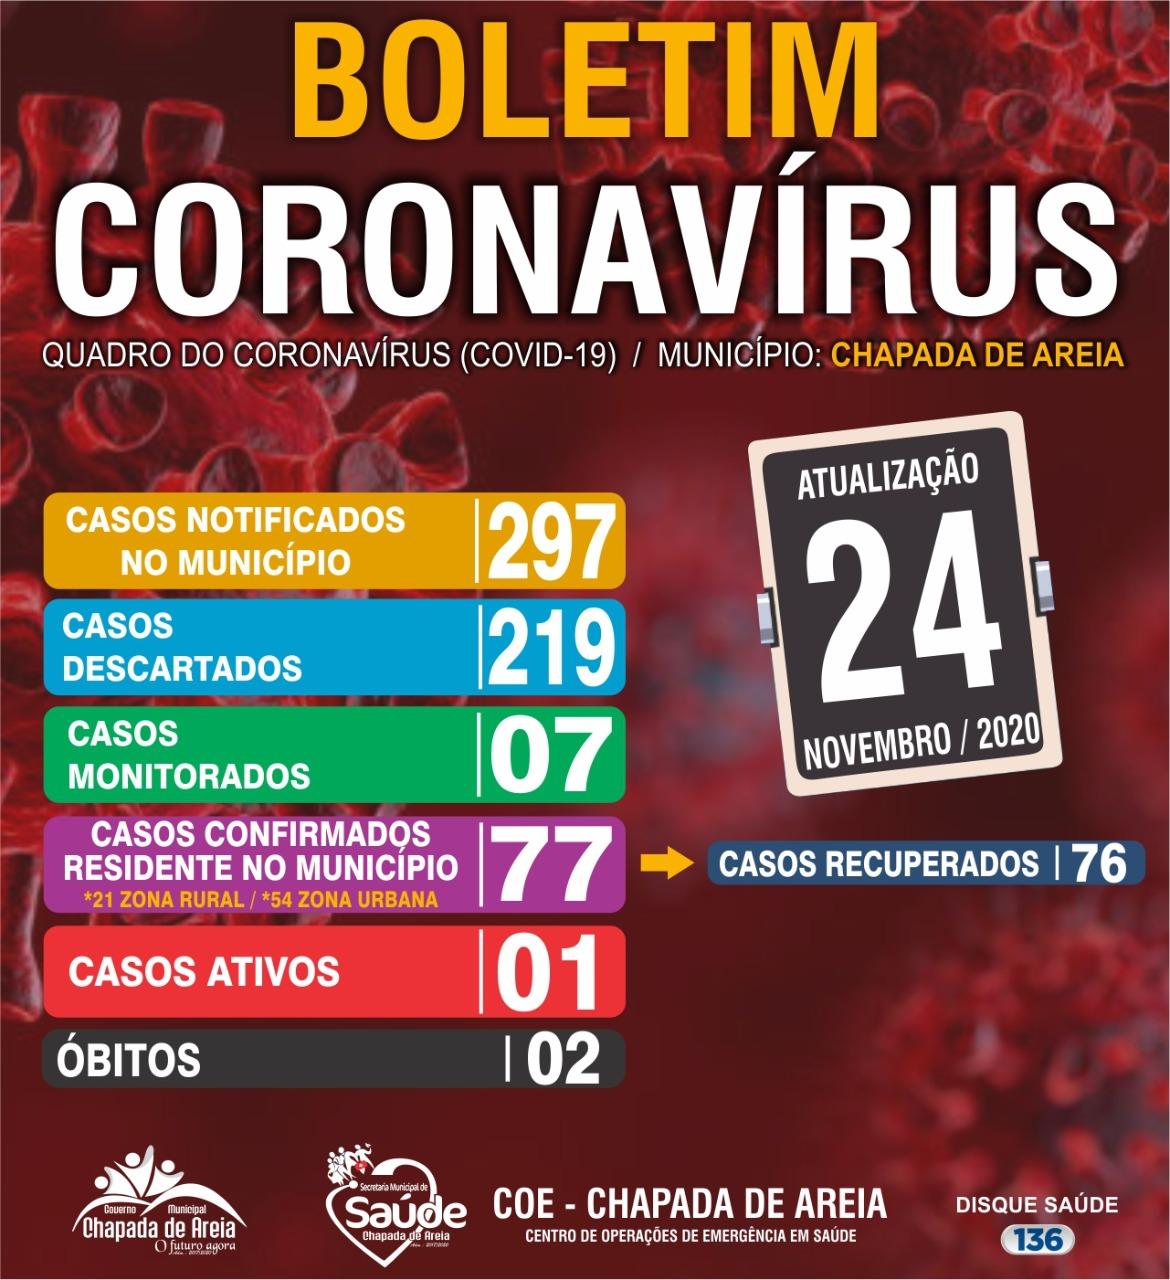 Boletim Covid-19: Em Chapada de Areia, um paciente ainda se recupera da doença